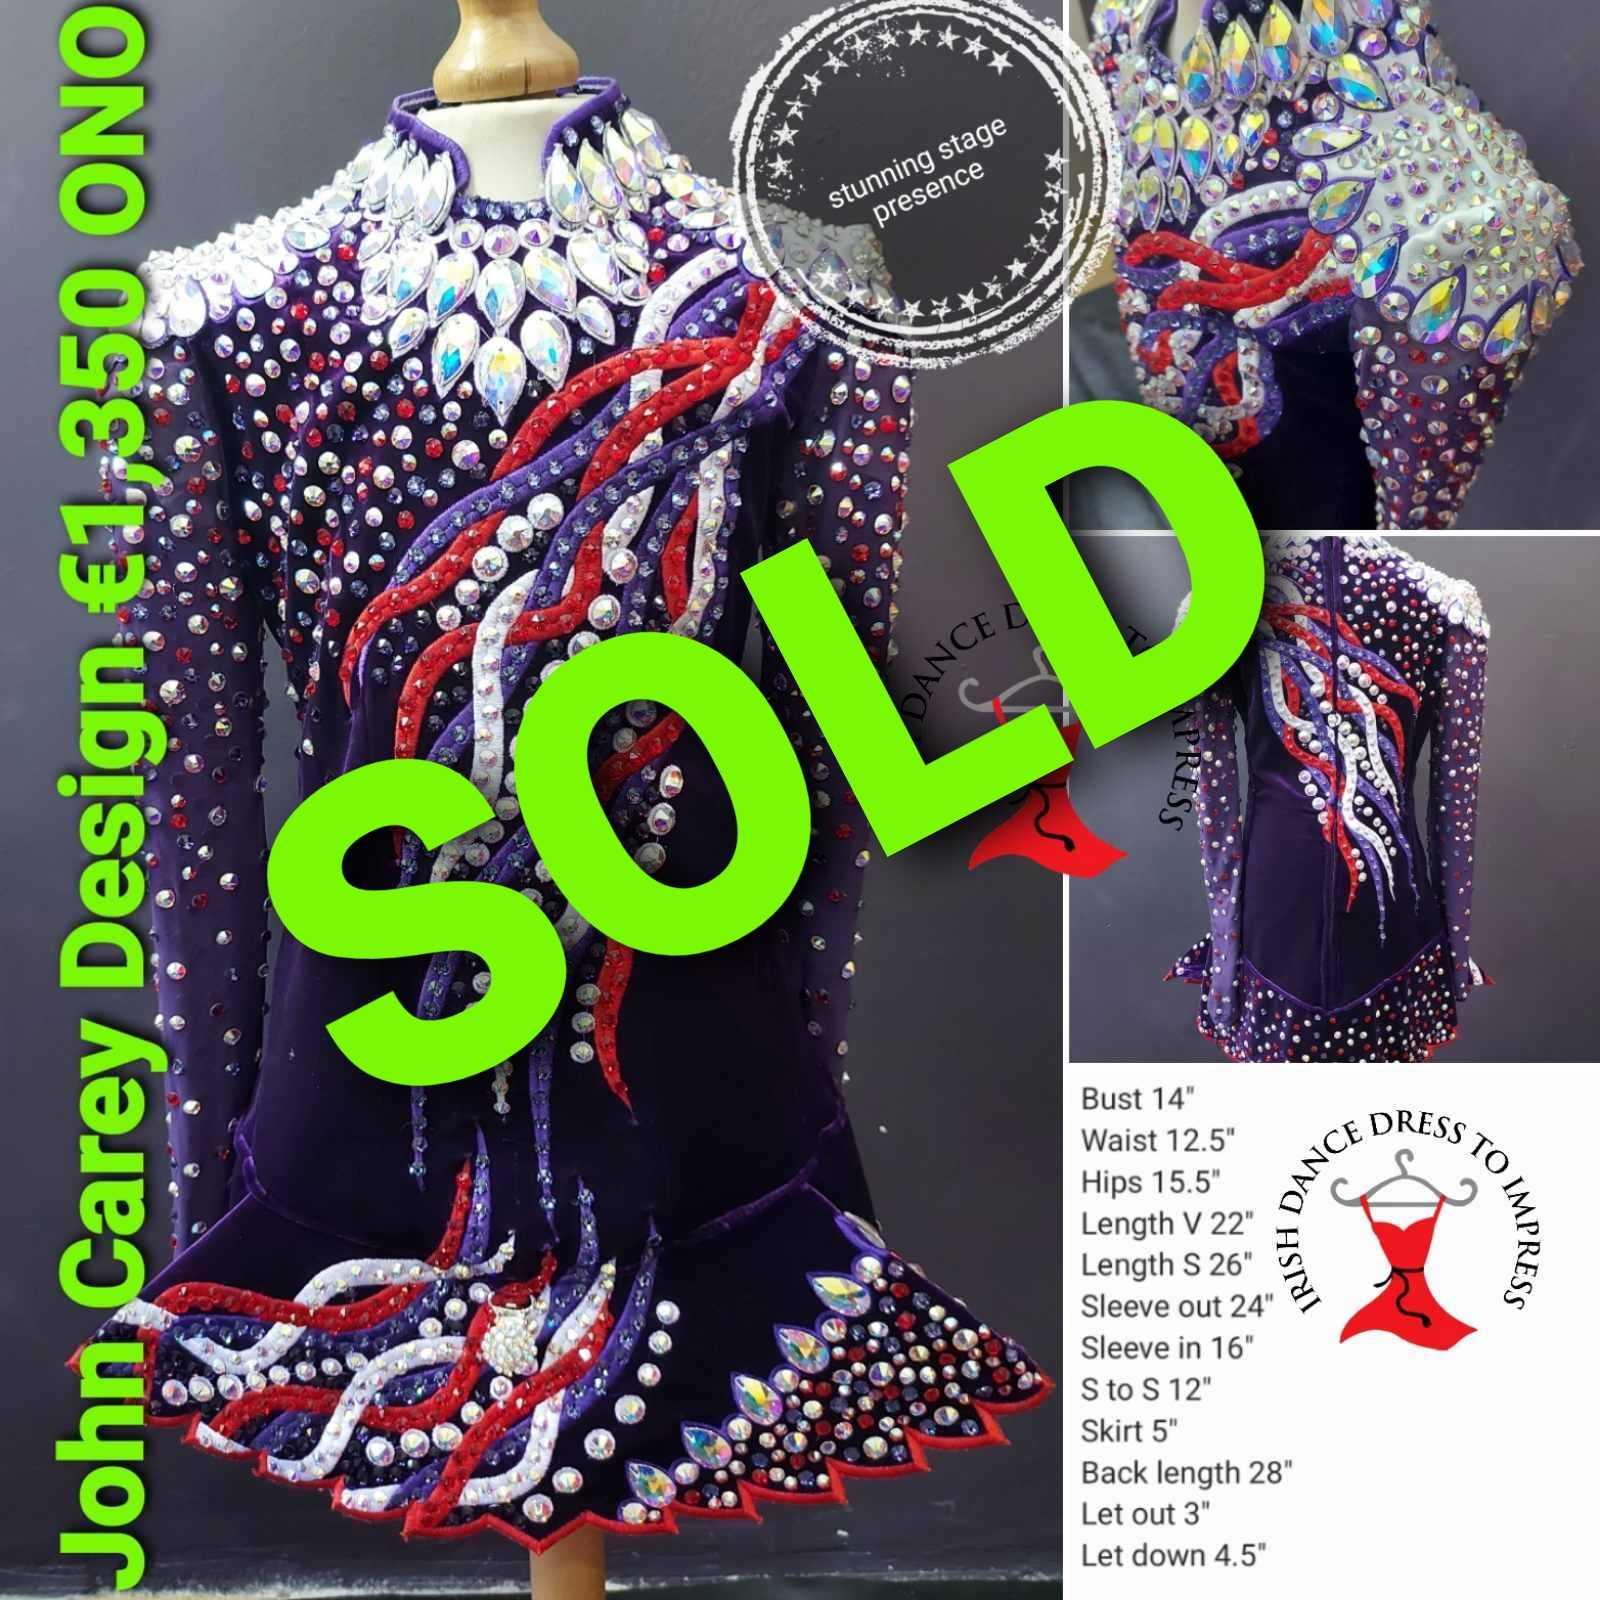 Dress #2988